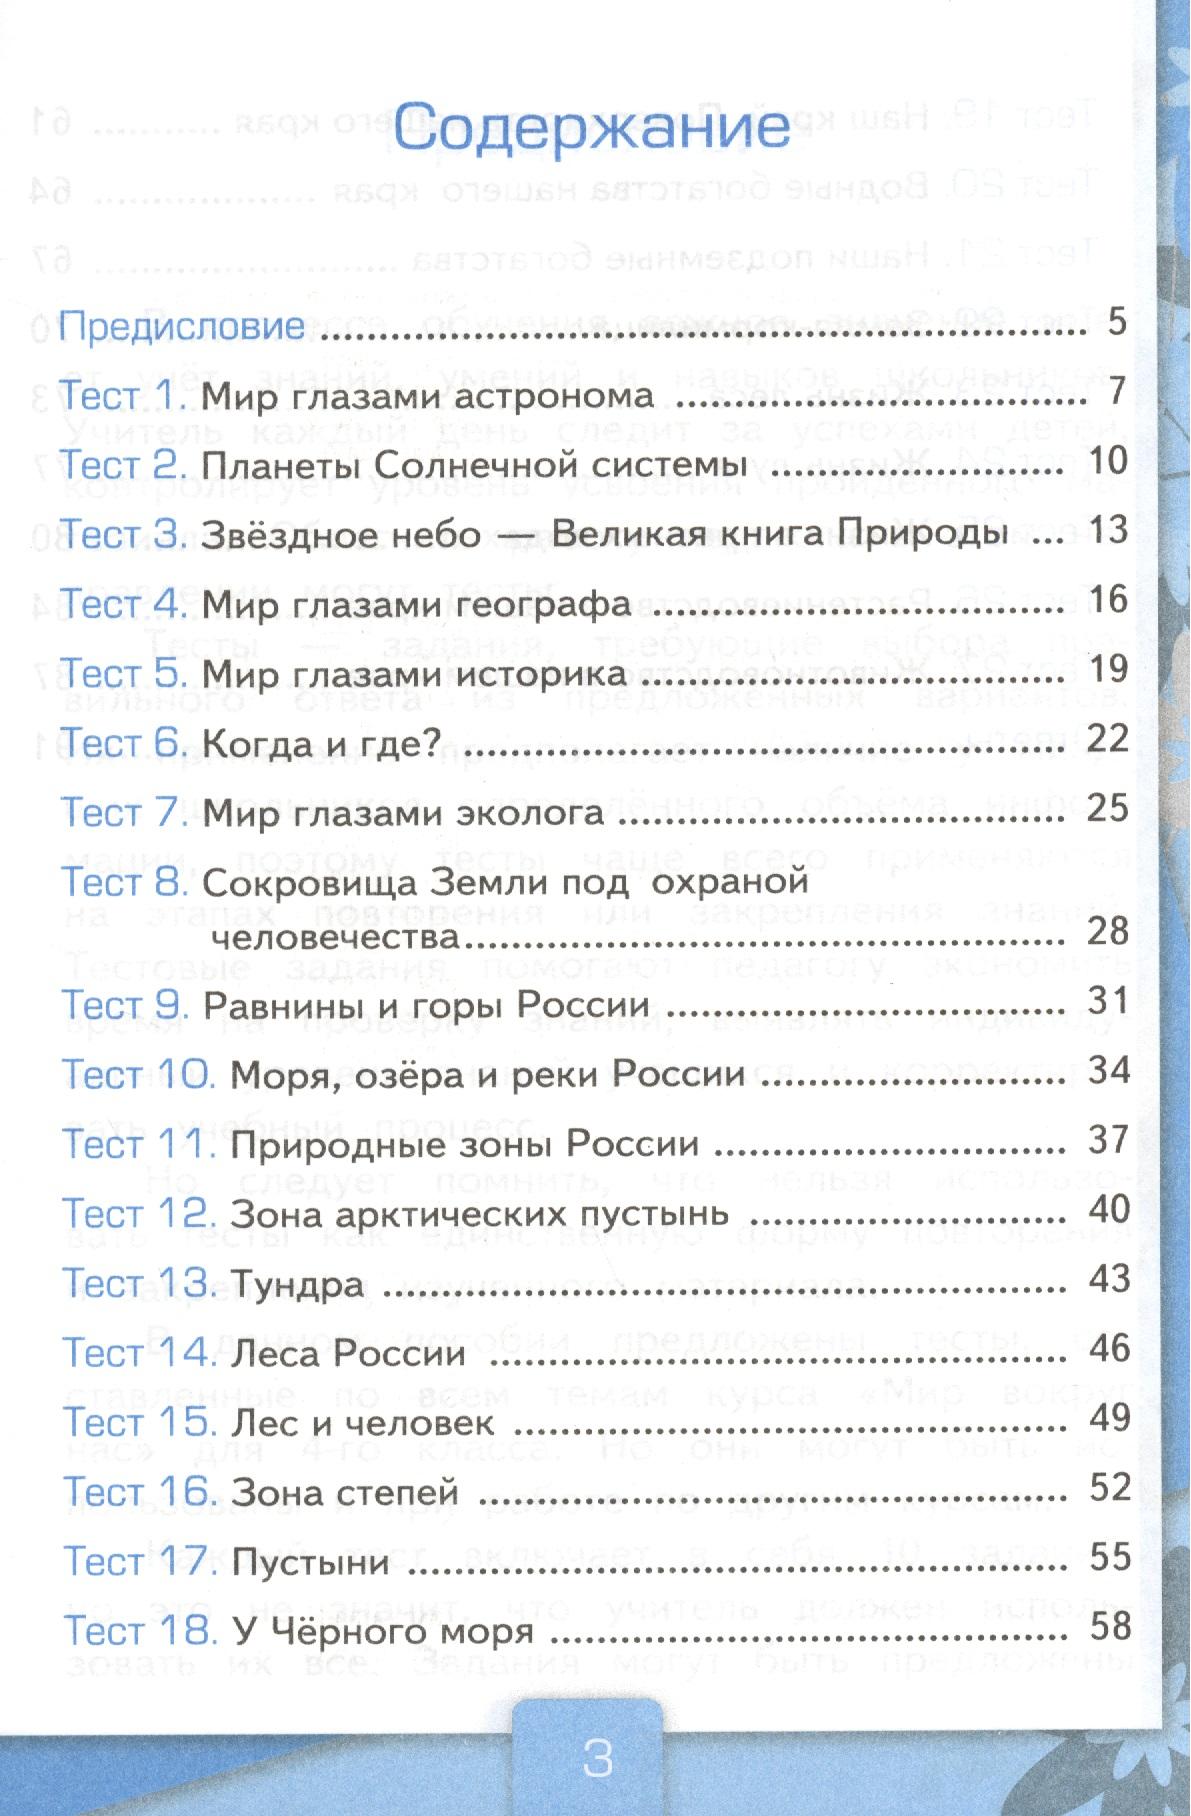 Тесты по окружающему миру 3 класс плешаков за 2 четверть